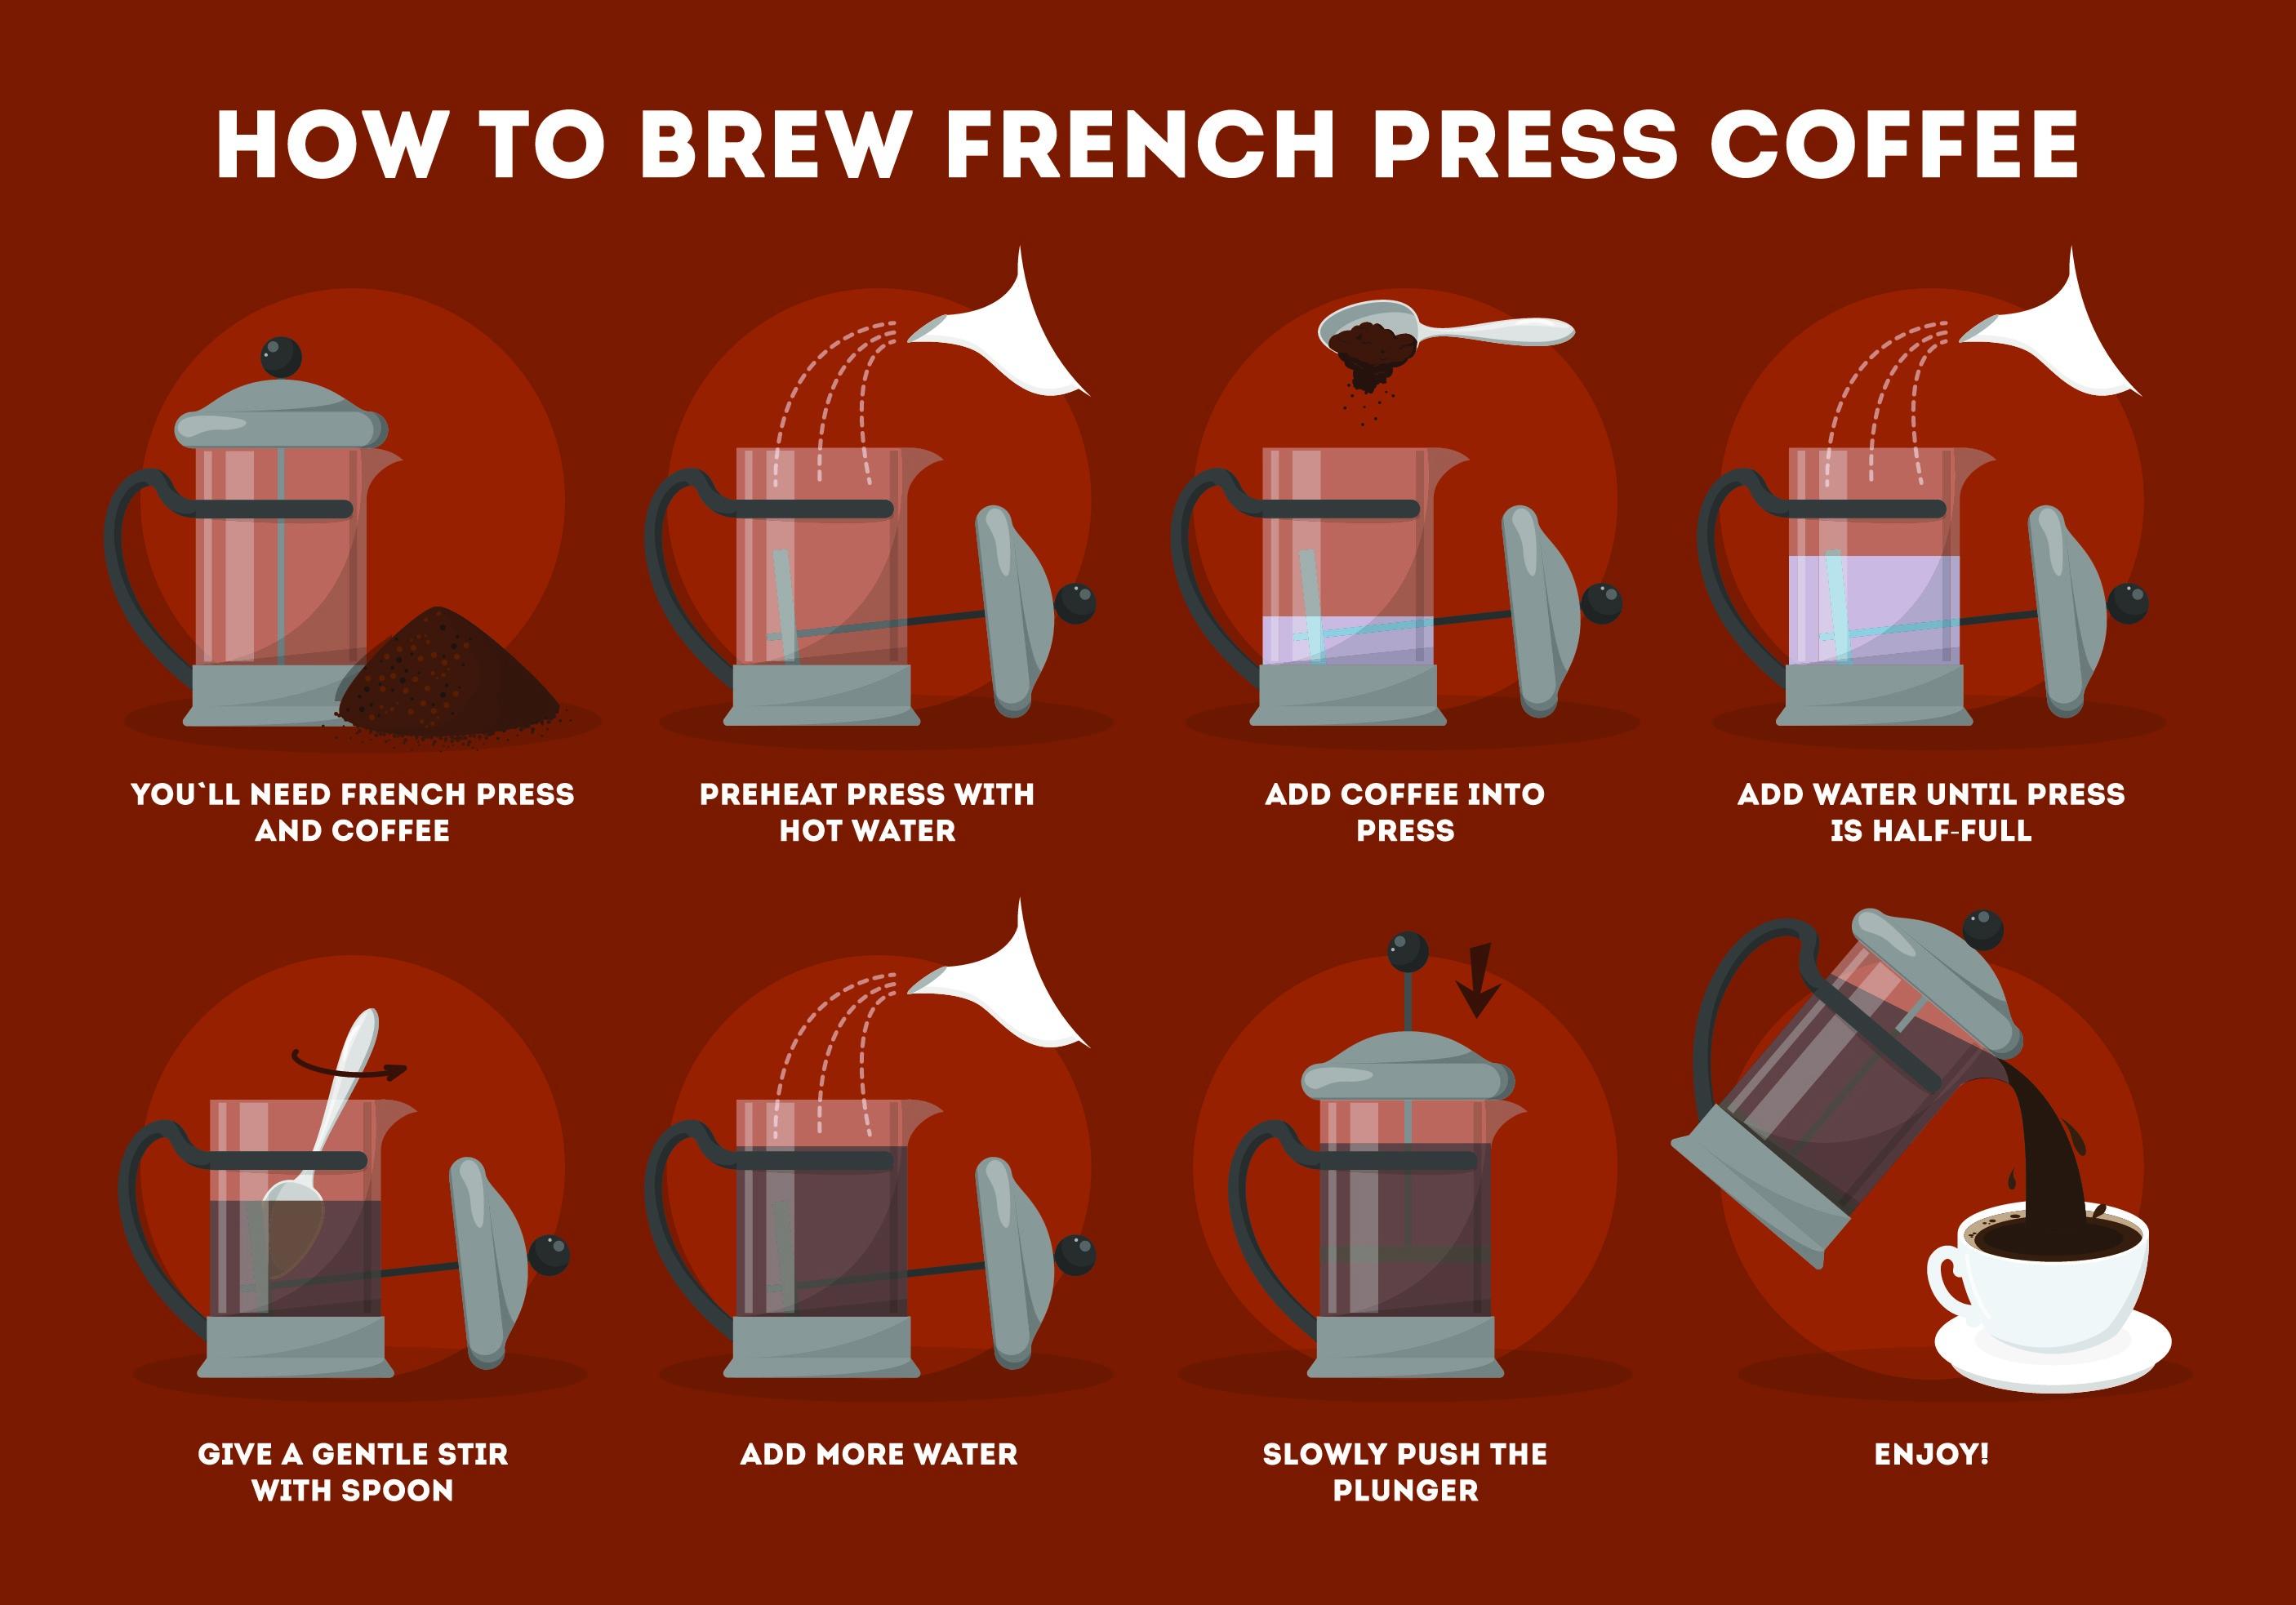 schemat jak parzyć kawę z french pressu